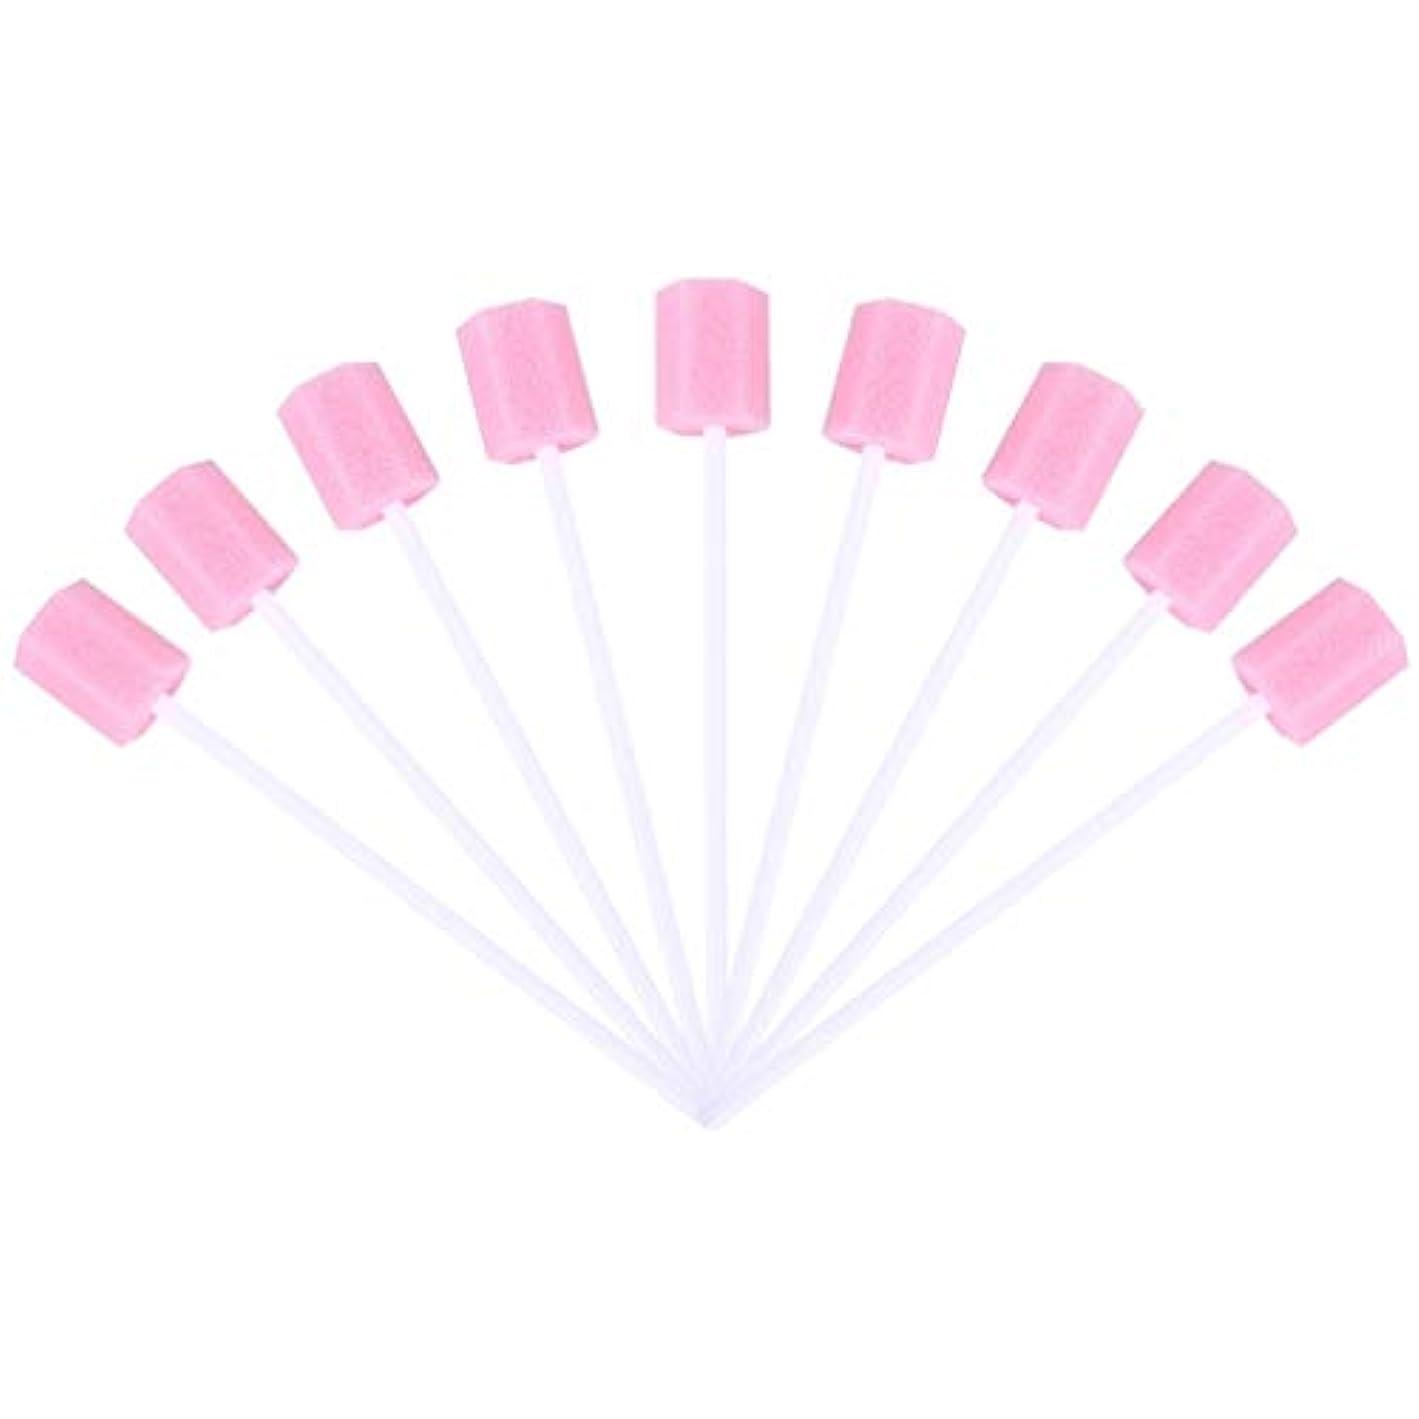 偶然バンカーブリーフケースSUPVOX 30ピーススポンジ綿棒使い捨て医療スポンジスティック歯口洗浄口腔ケアツール(ピンク)